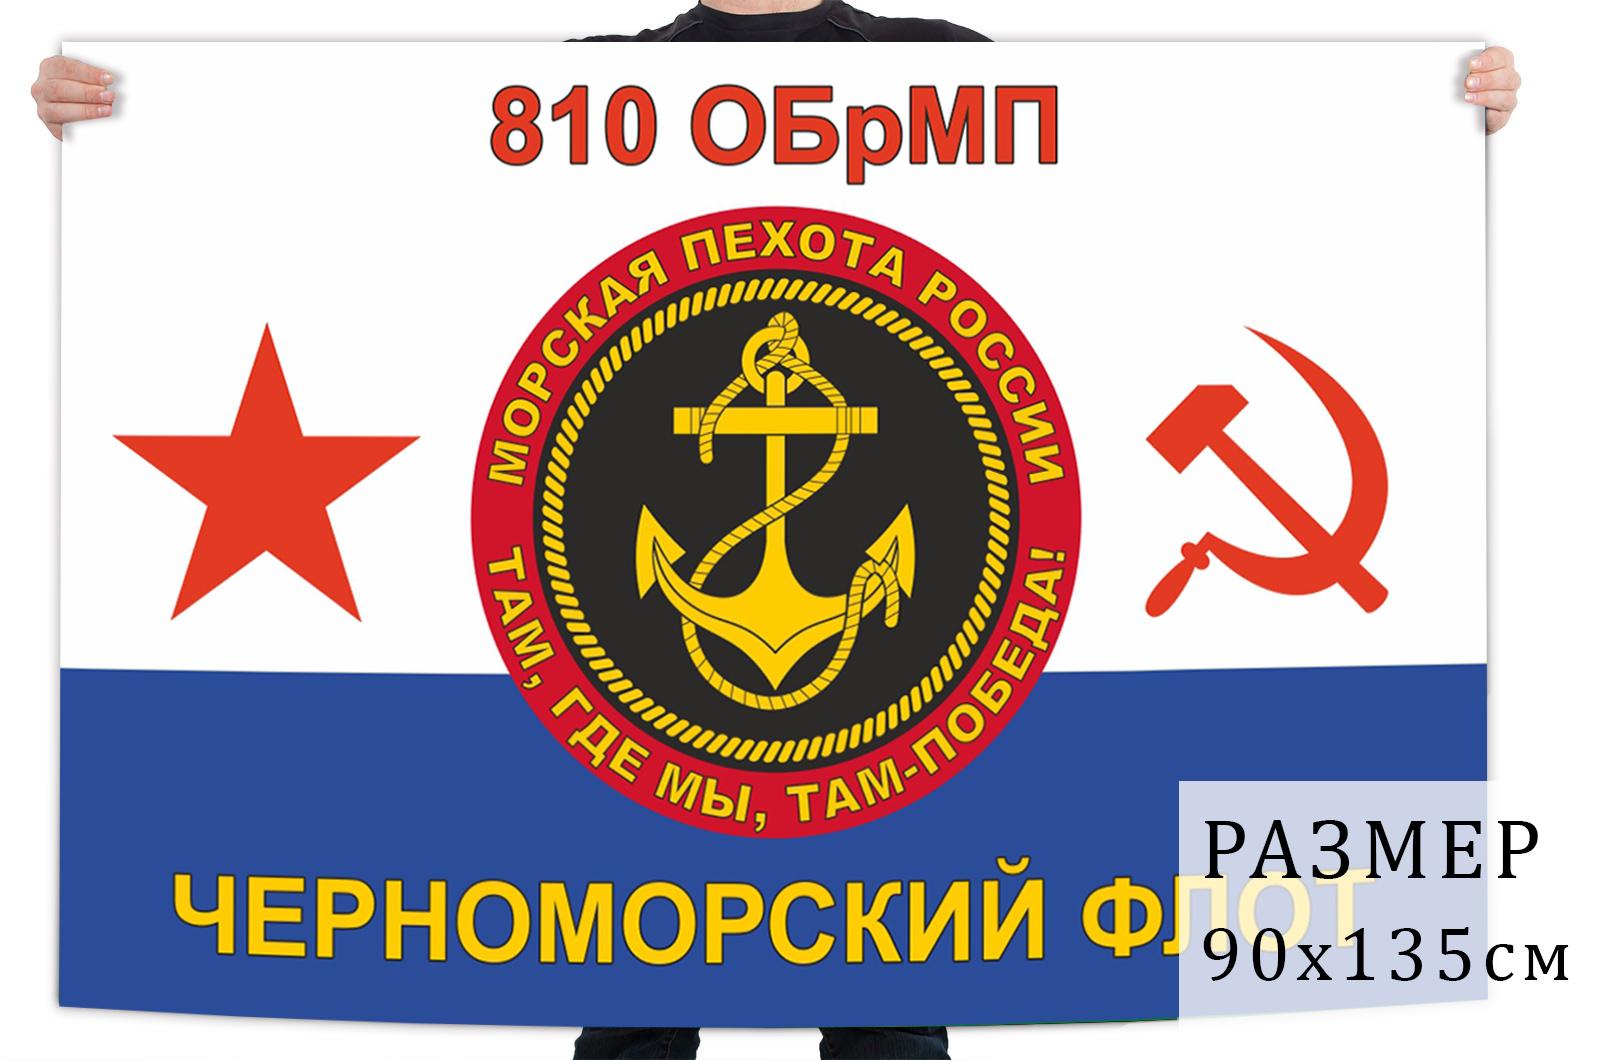 Флаг 810 ОБрМП Черноморского флота